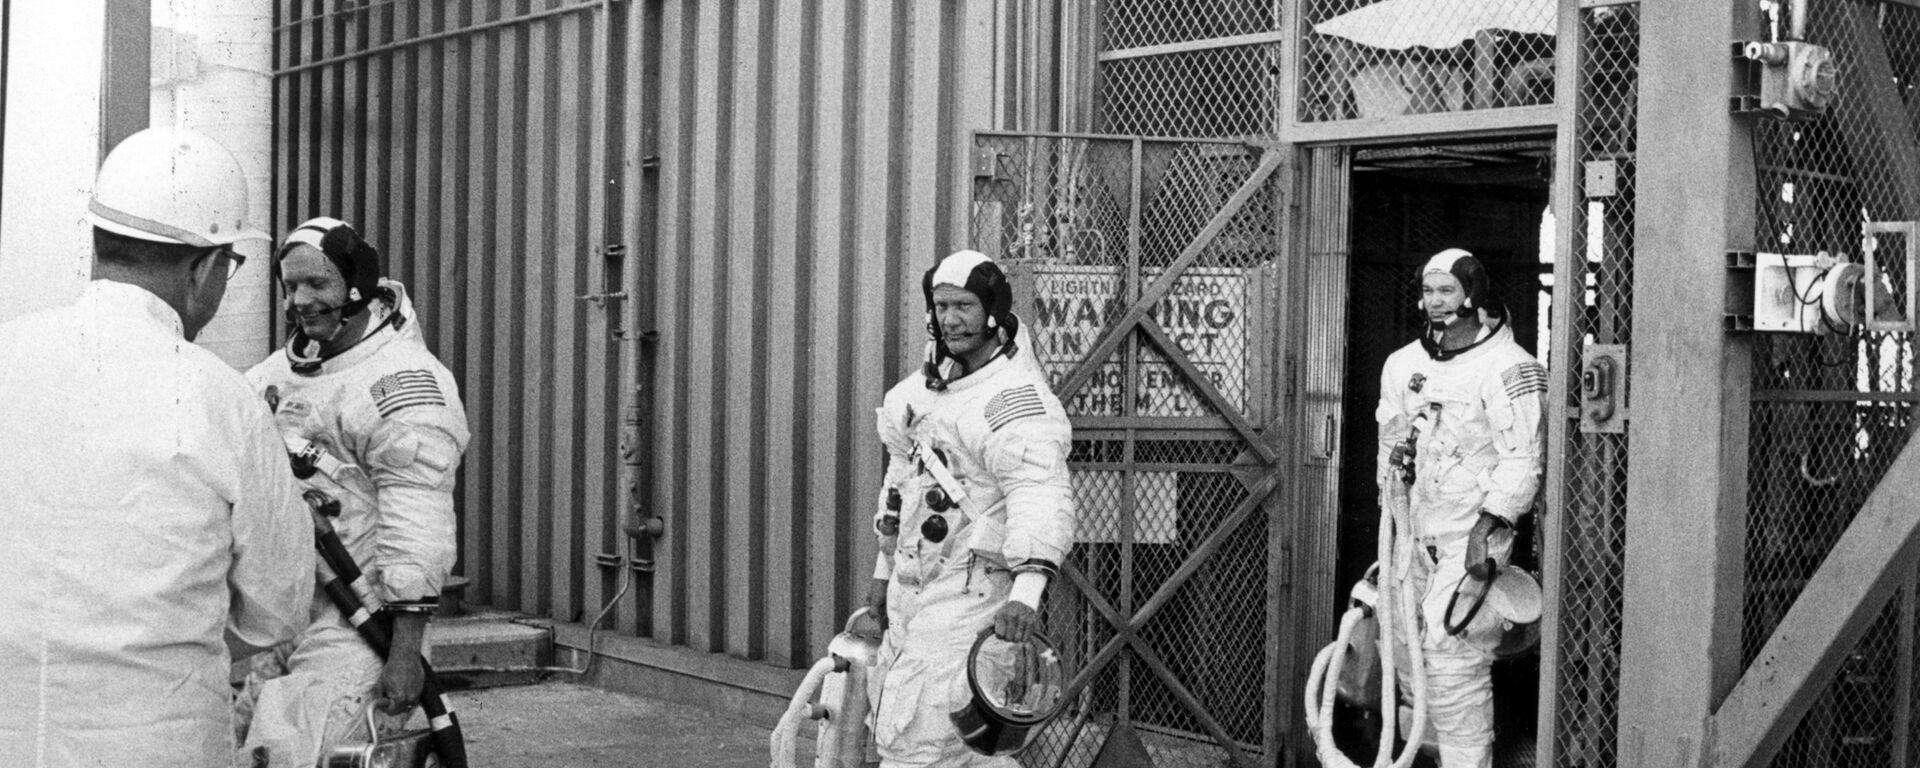 La tripulación de la misión espacial Apolo 11. De izquierda a derecha: Neil Armstrong, Buzz Aldrin y Michael Collins - Sputnik Mundo, 1920, 30.07.2021